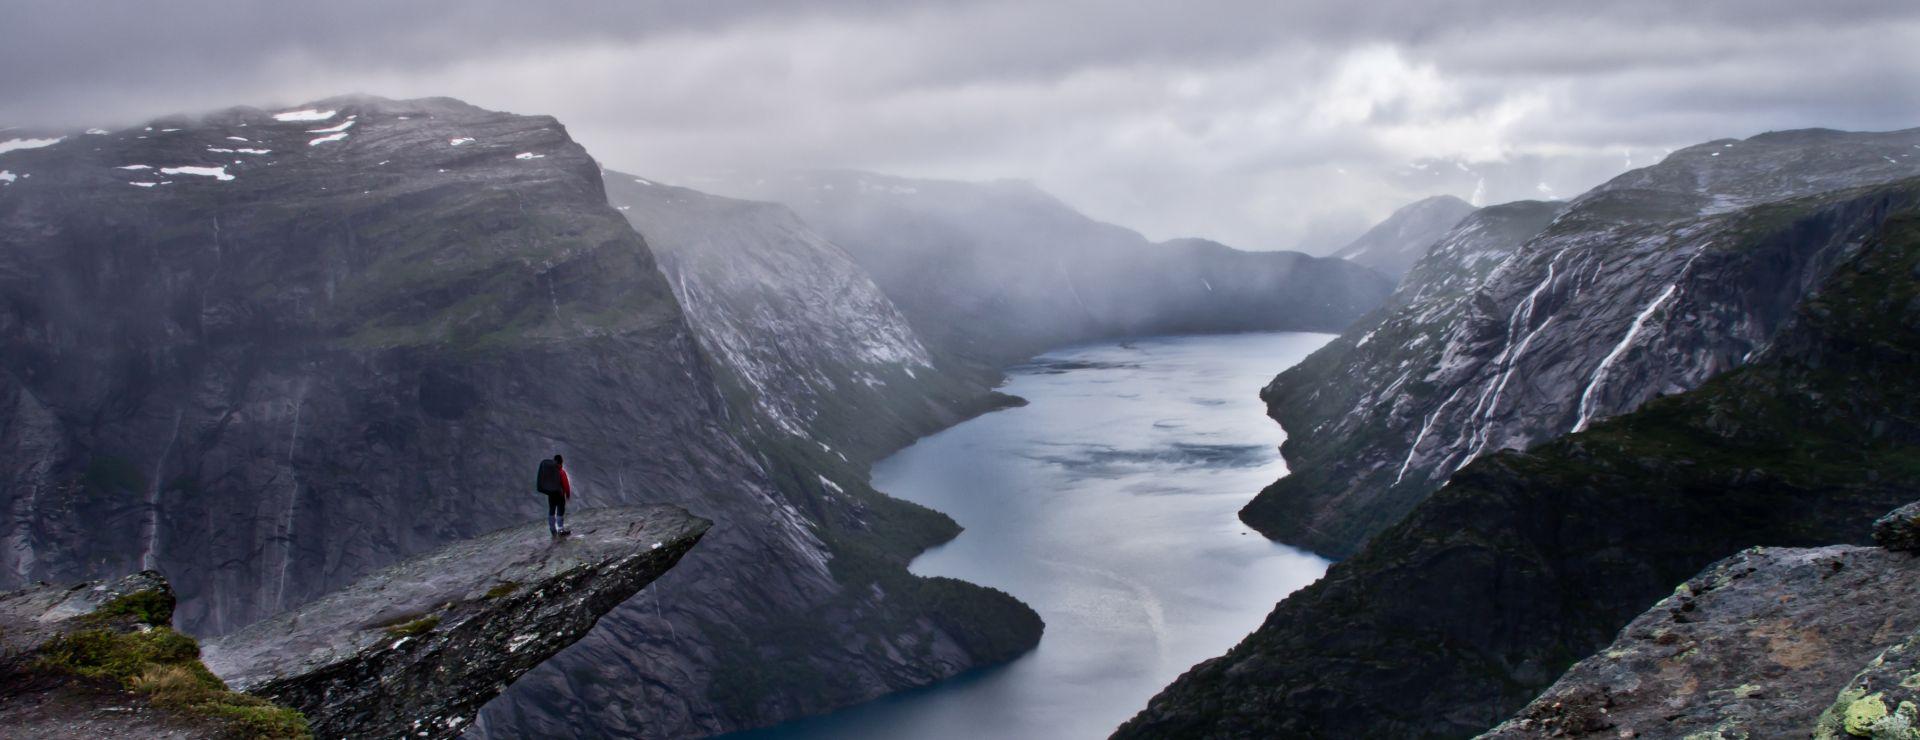 preikestolen, norvegia, camminate fotografiche